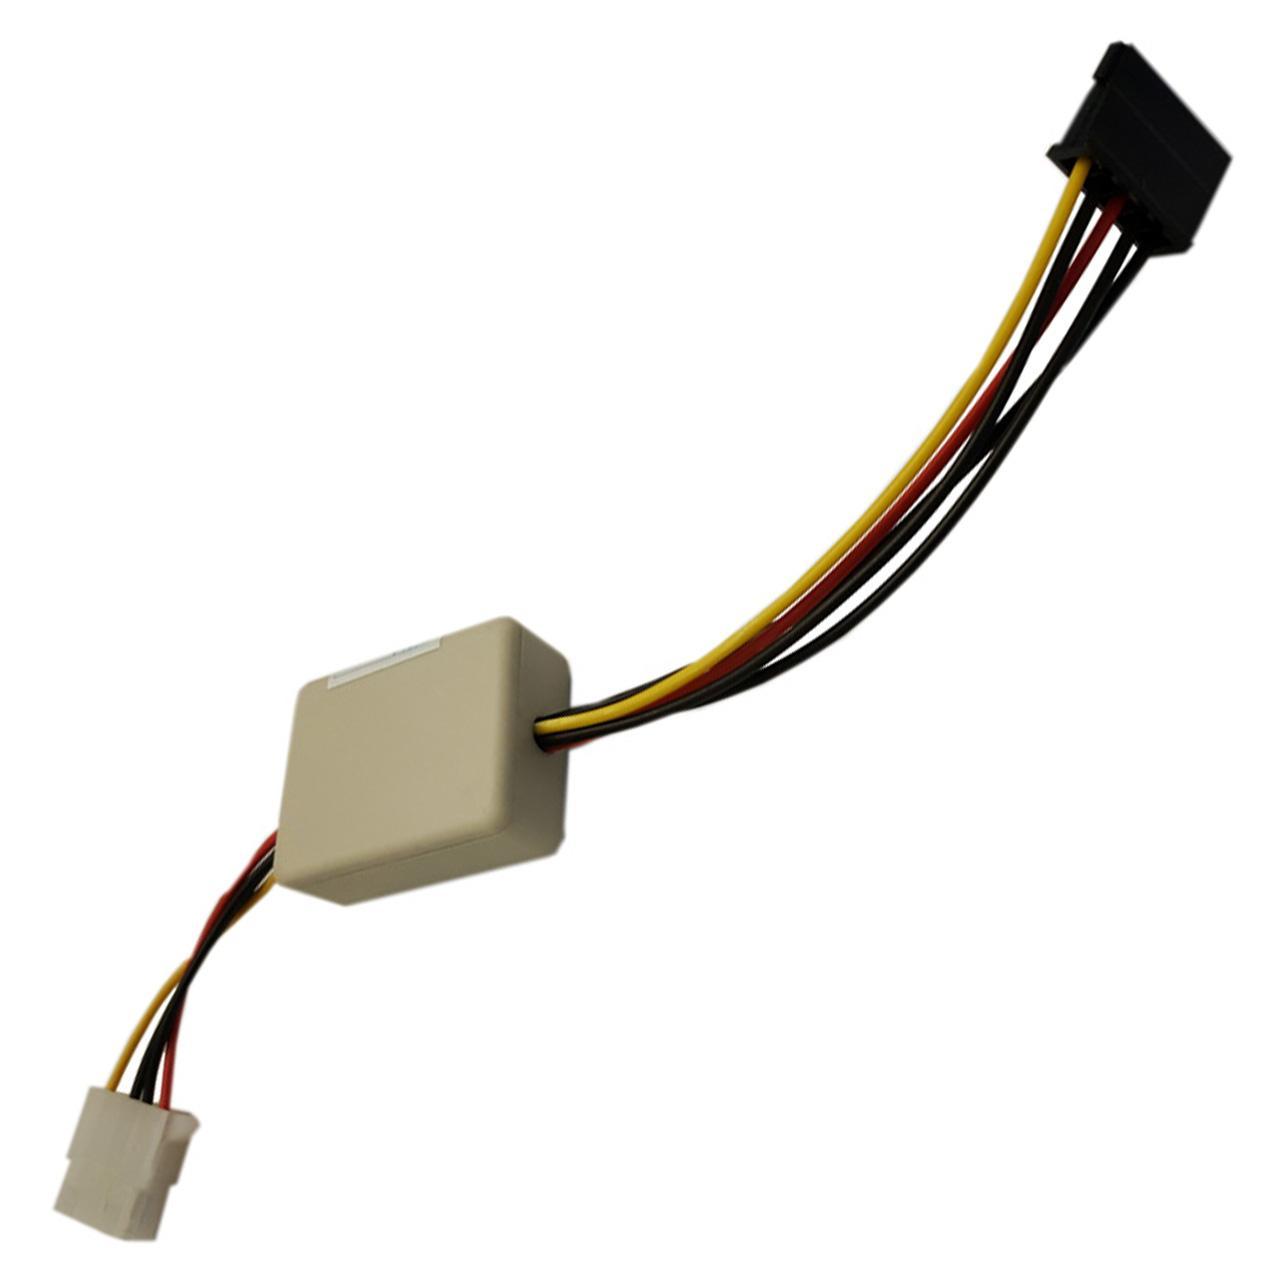 محافظ ولتاژ هارد دستگاه دوربین مدار بسته